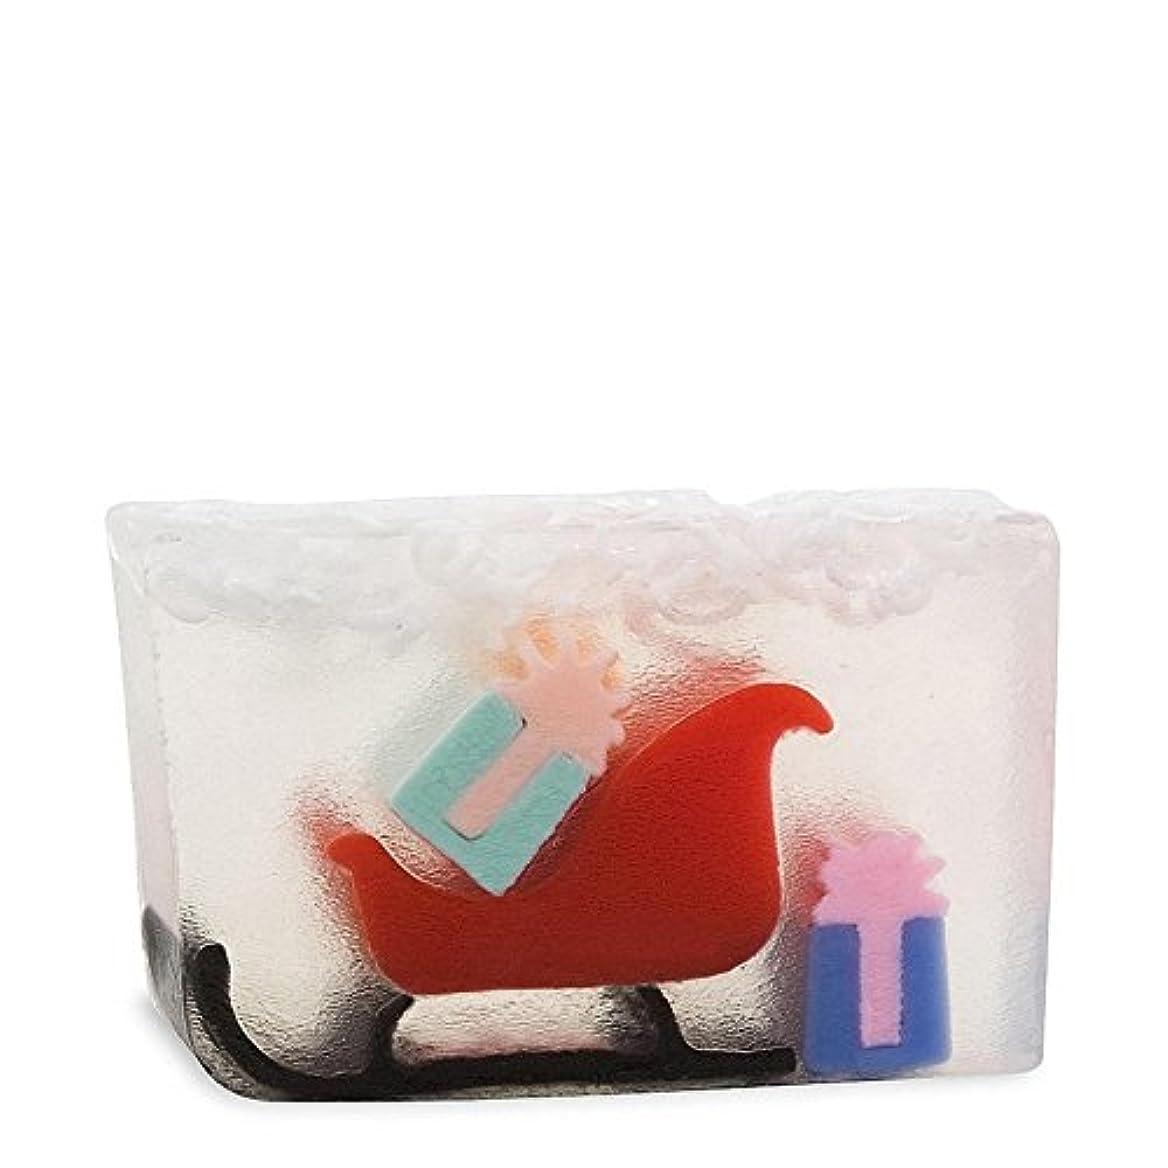 暴露する負オフェンス原始要素のサンタのそり x4 - Primal Elements Santas Sleigh (Pack of 4) [並行輸入品]